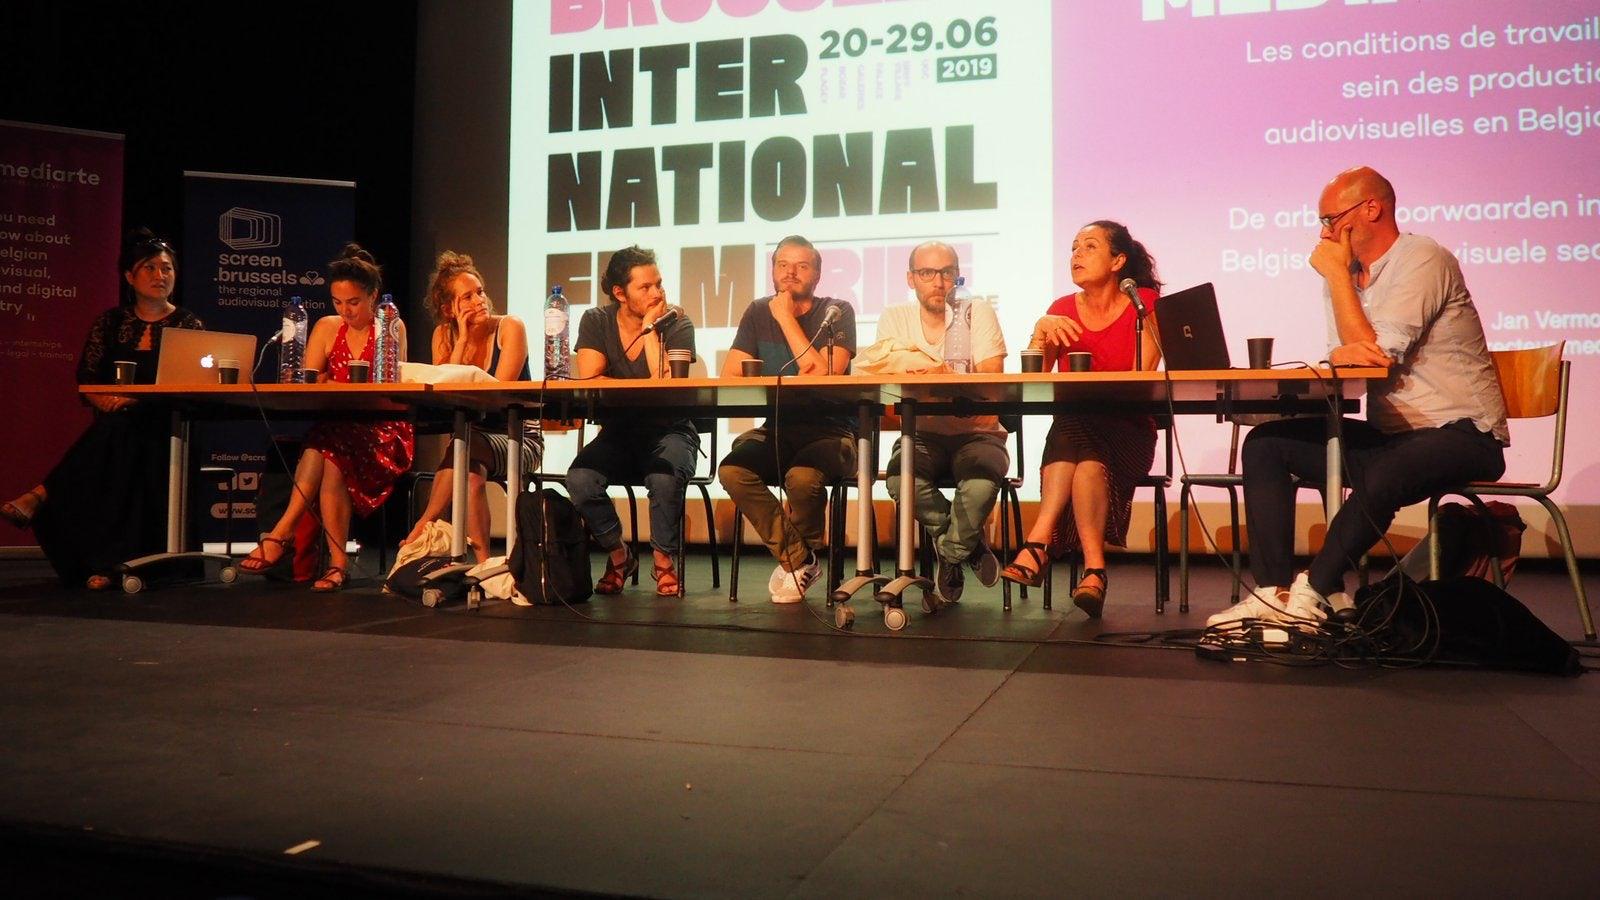 La conférence sous forme de débat avec différents interlocuteurs